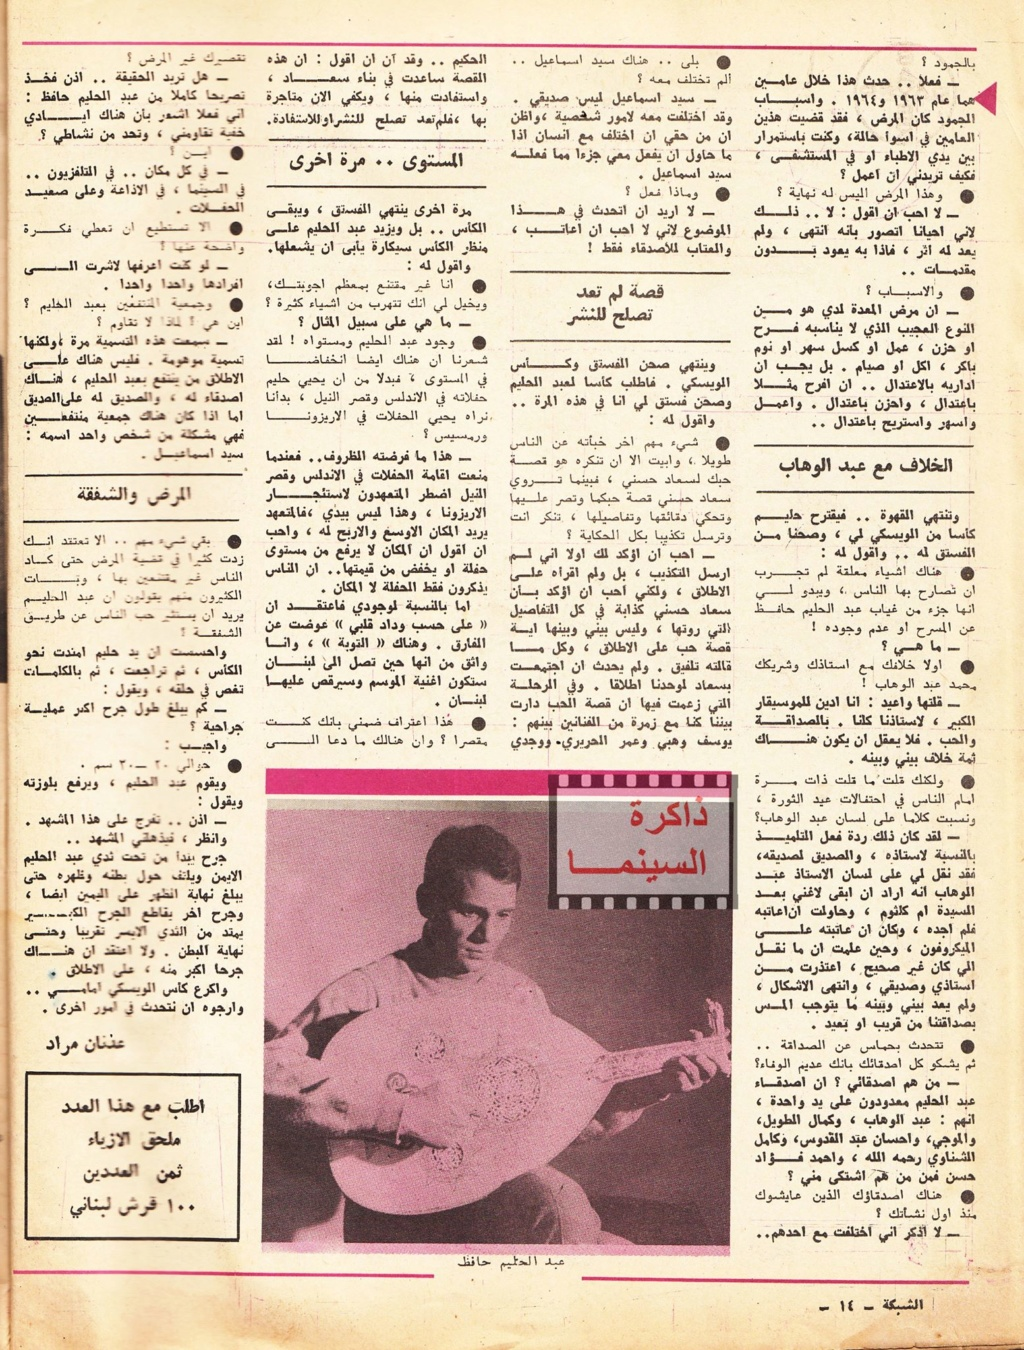 حافظ - حوار صحفي : عبدالحليم حافظ يفجر القنابل في بيروت 1966 م 3196